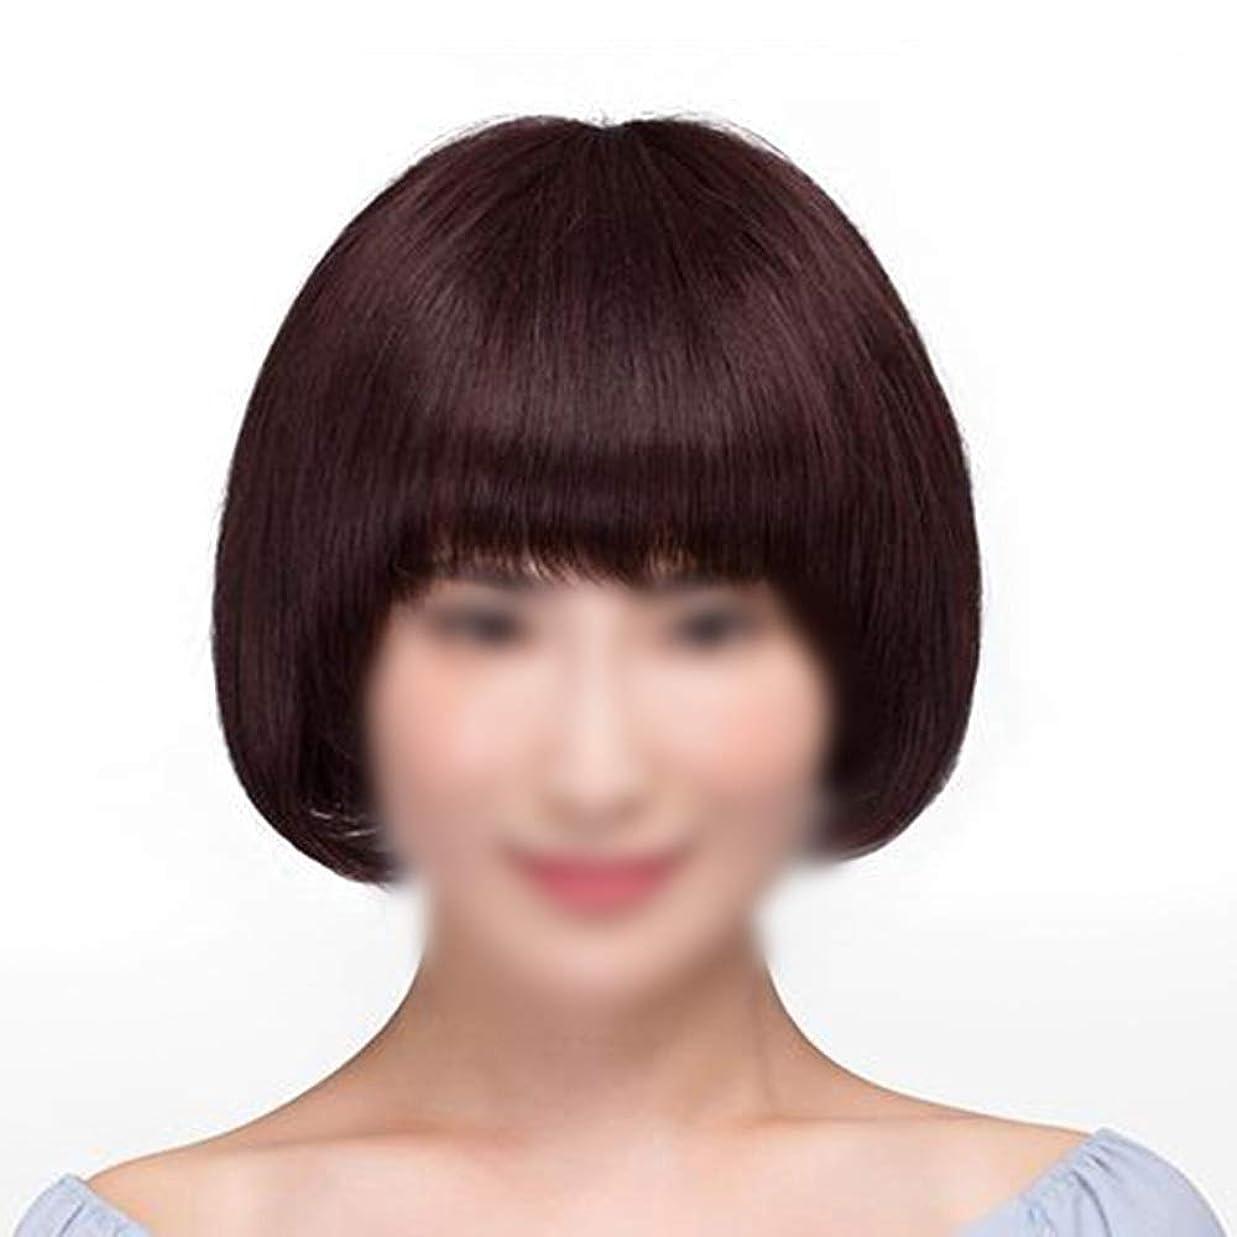 起訴する学部長体BOBIDYEE 女性のストレートショートボブ耐熱合成天然ブラウンカラーフルヘアかつらと前髪ショートレッドウィッグ (色 : Dark brown)